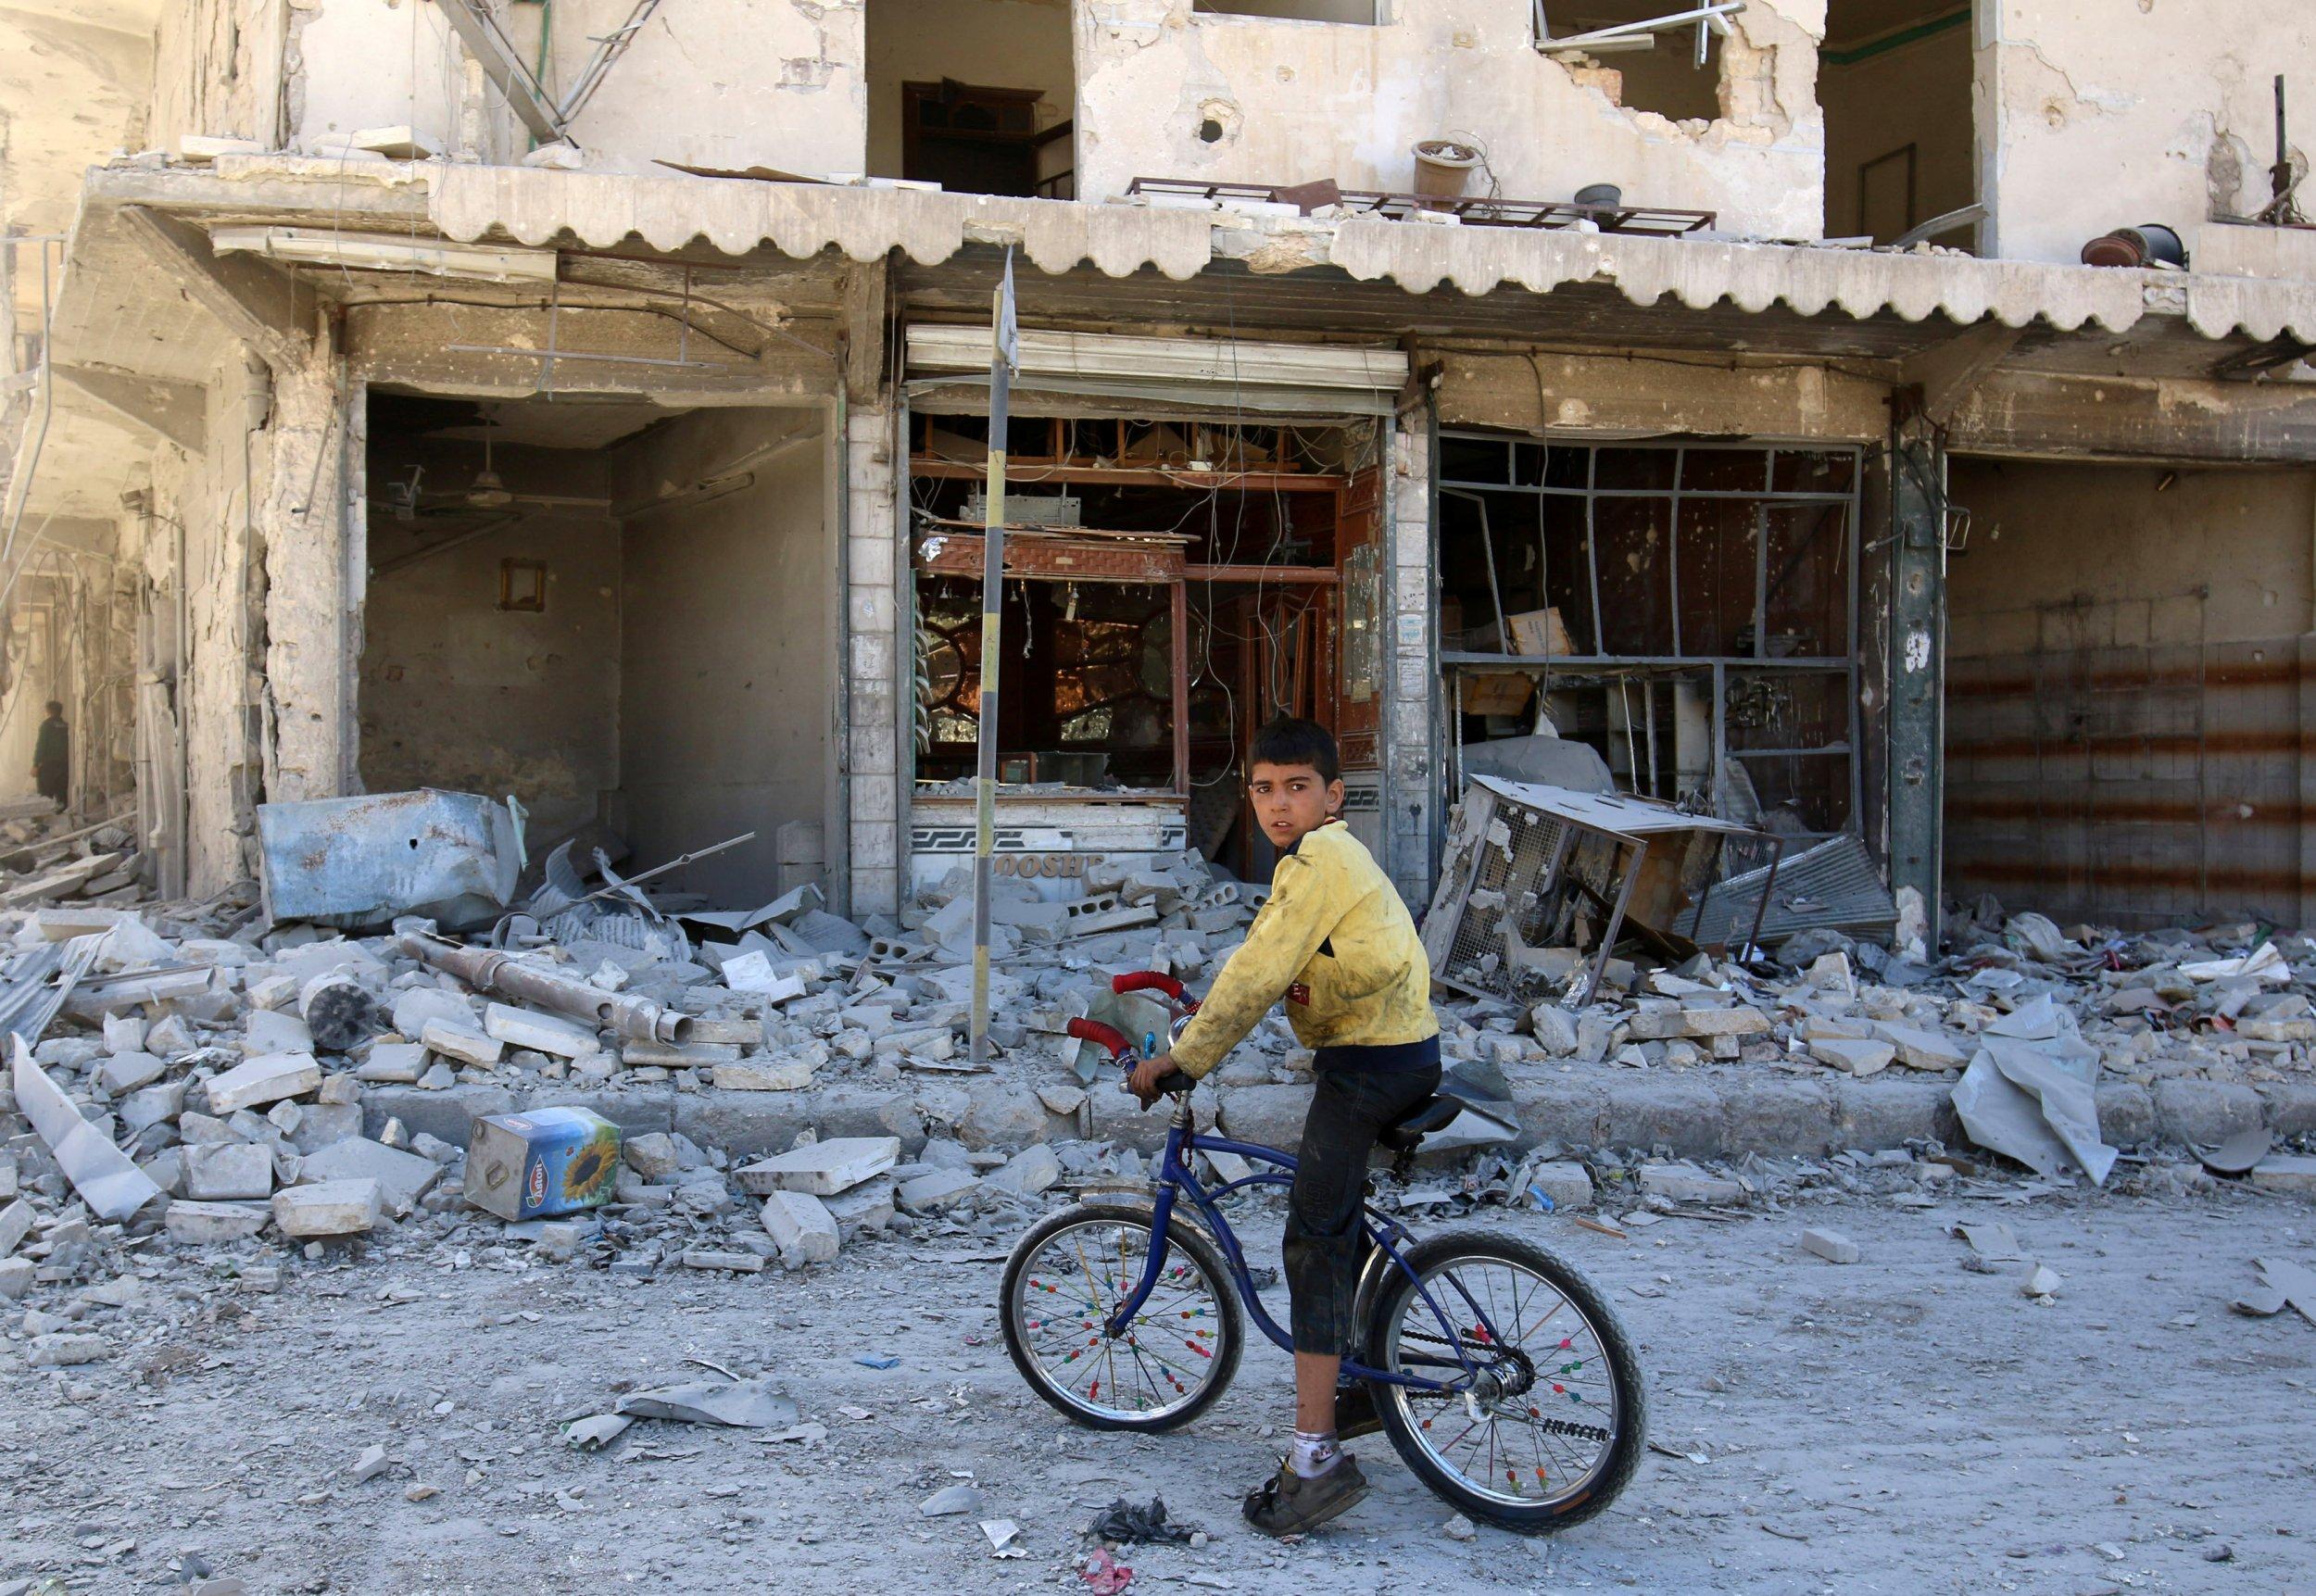 09_26_Putin_Aleppo_01